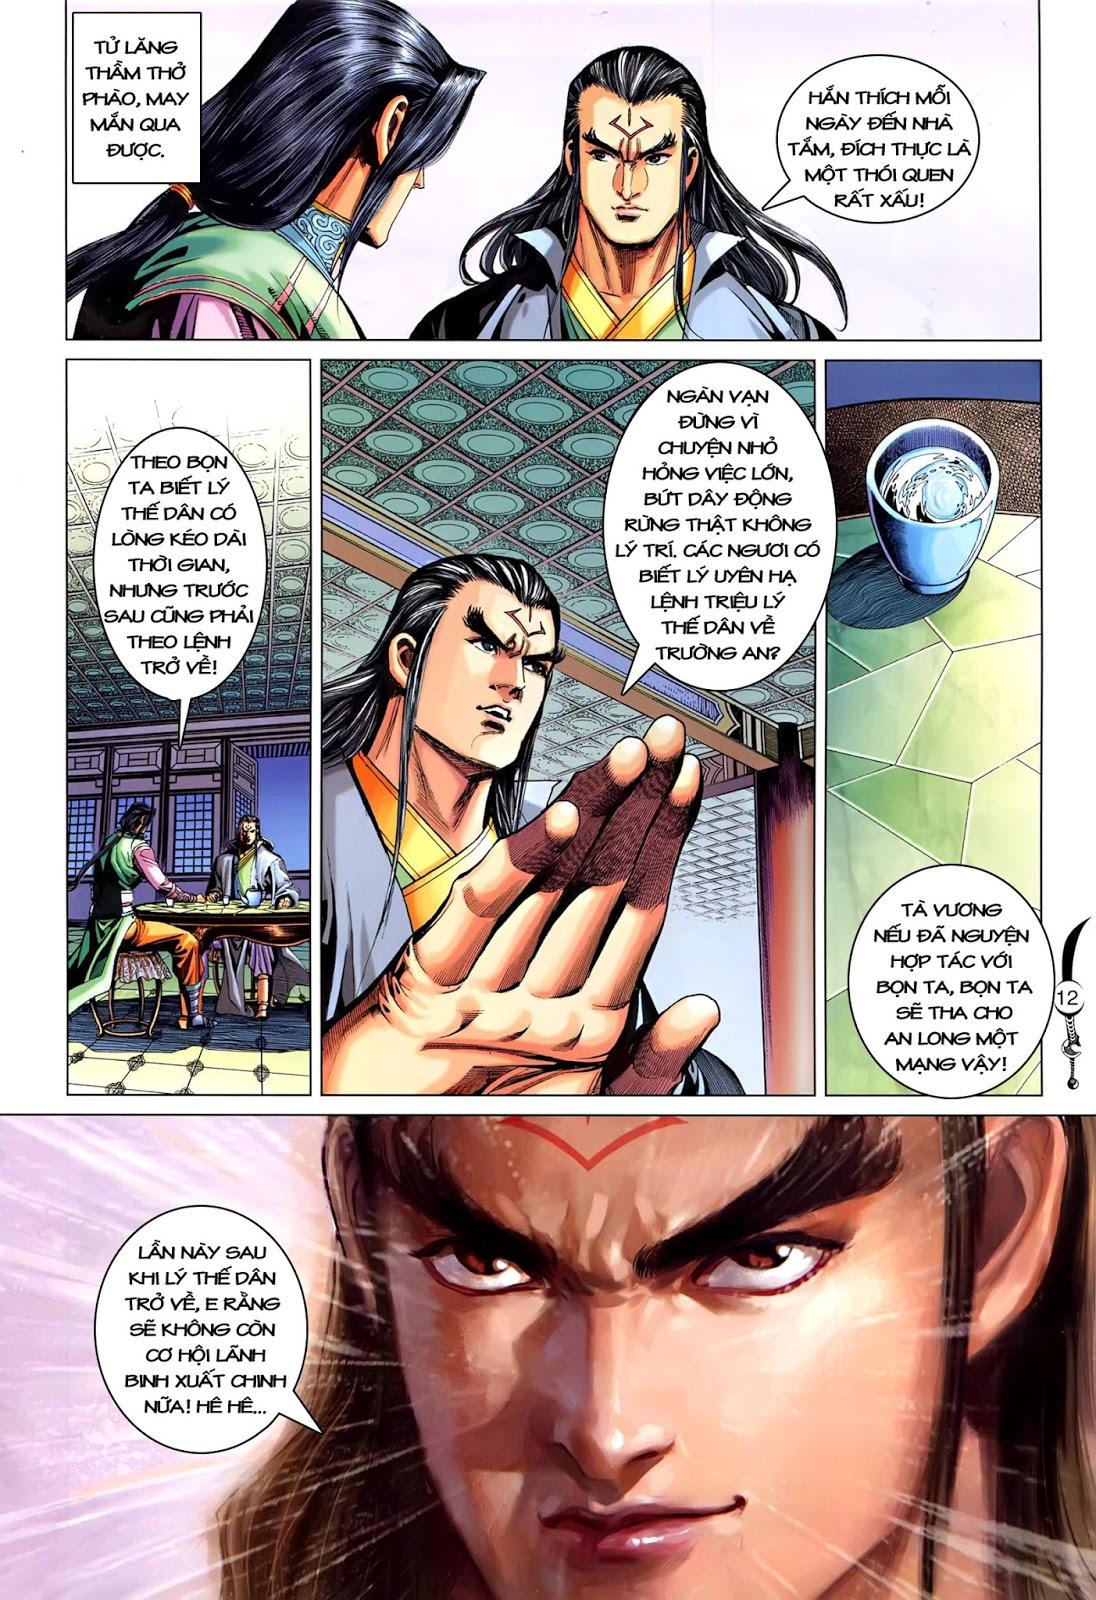 Đại Đường Song Long Truyện chap 216 - Trang 14